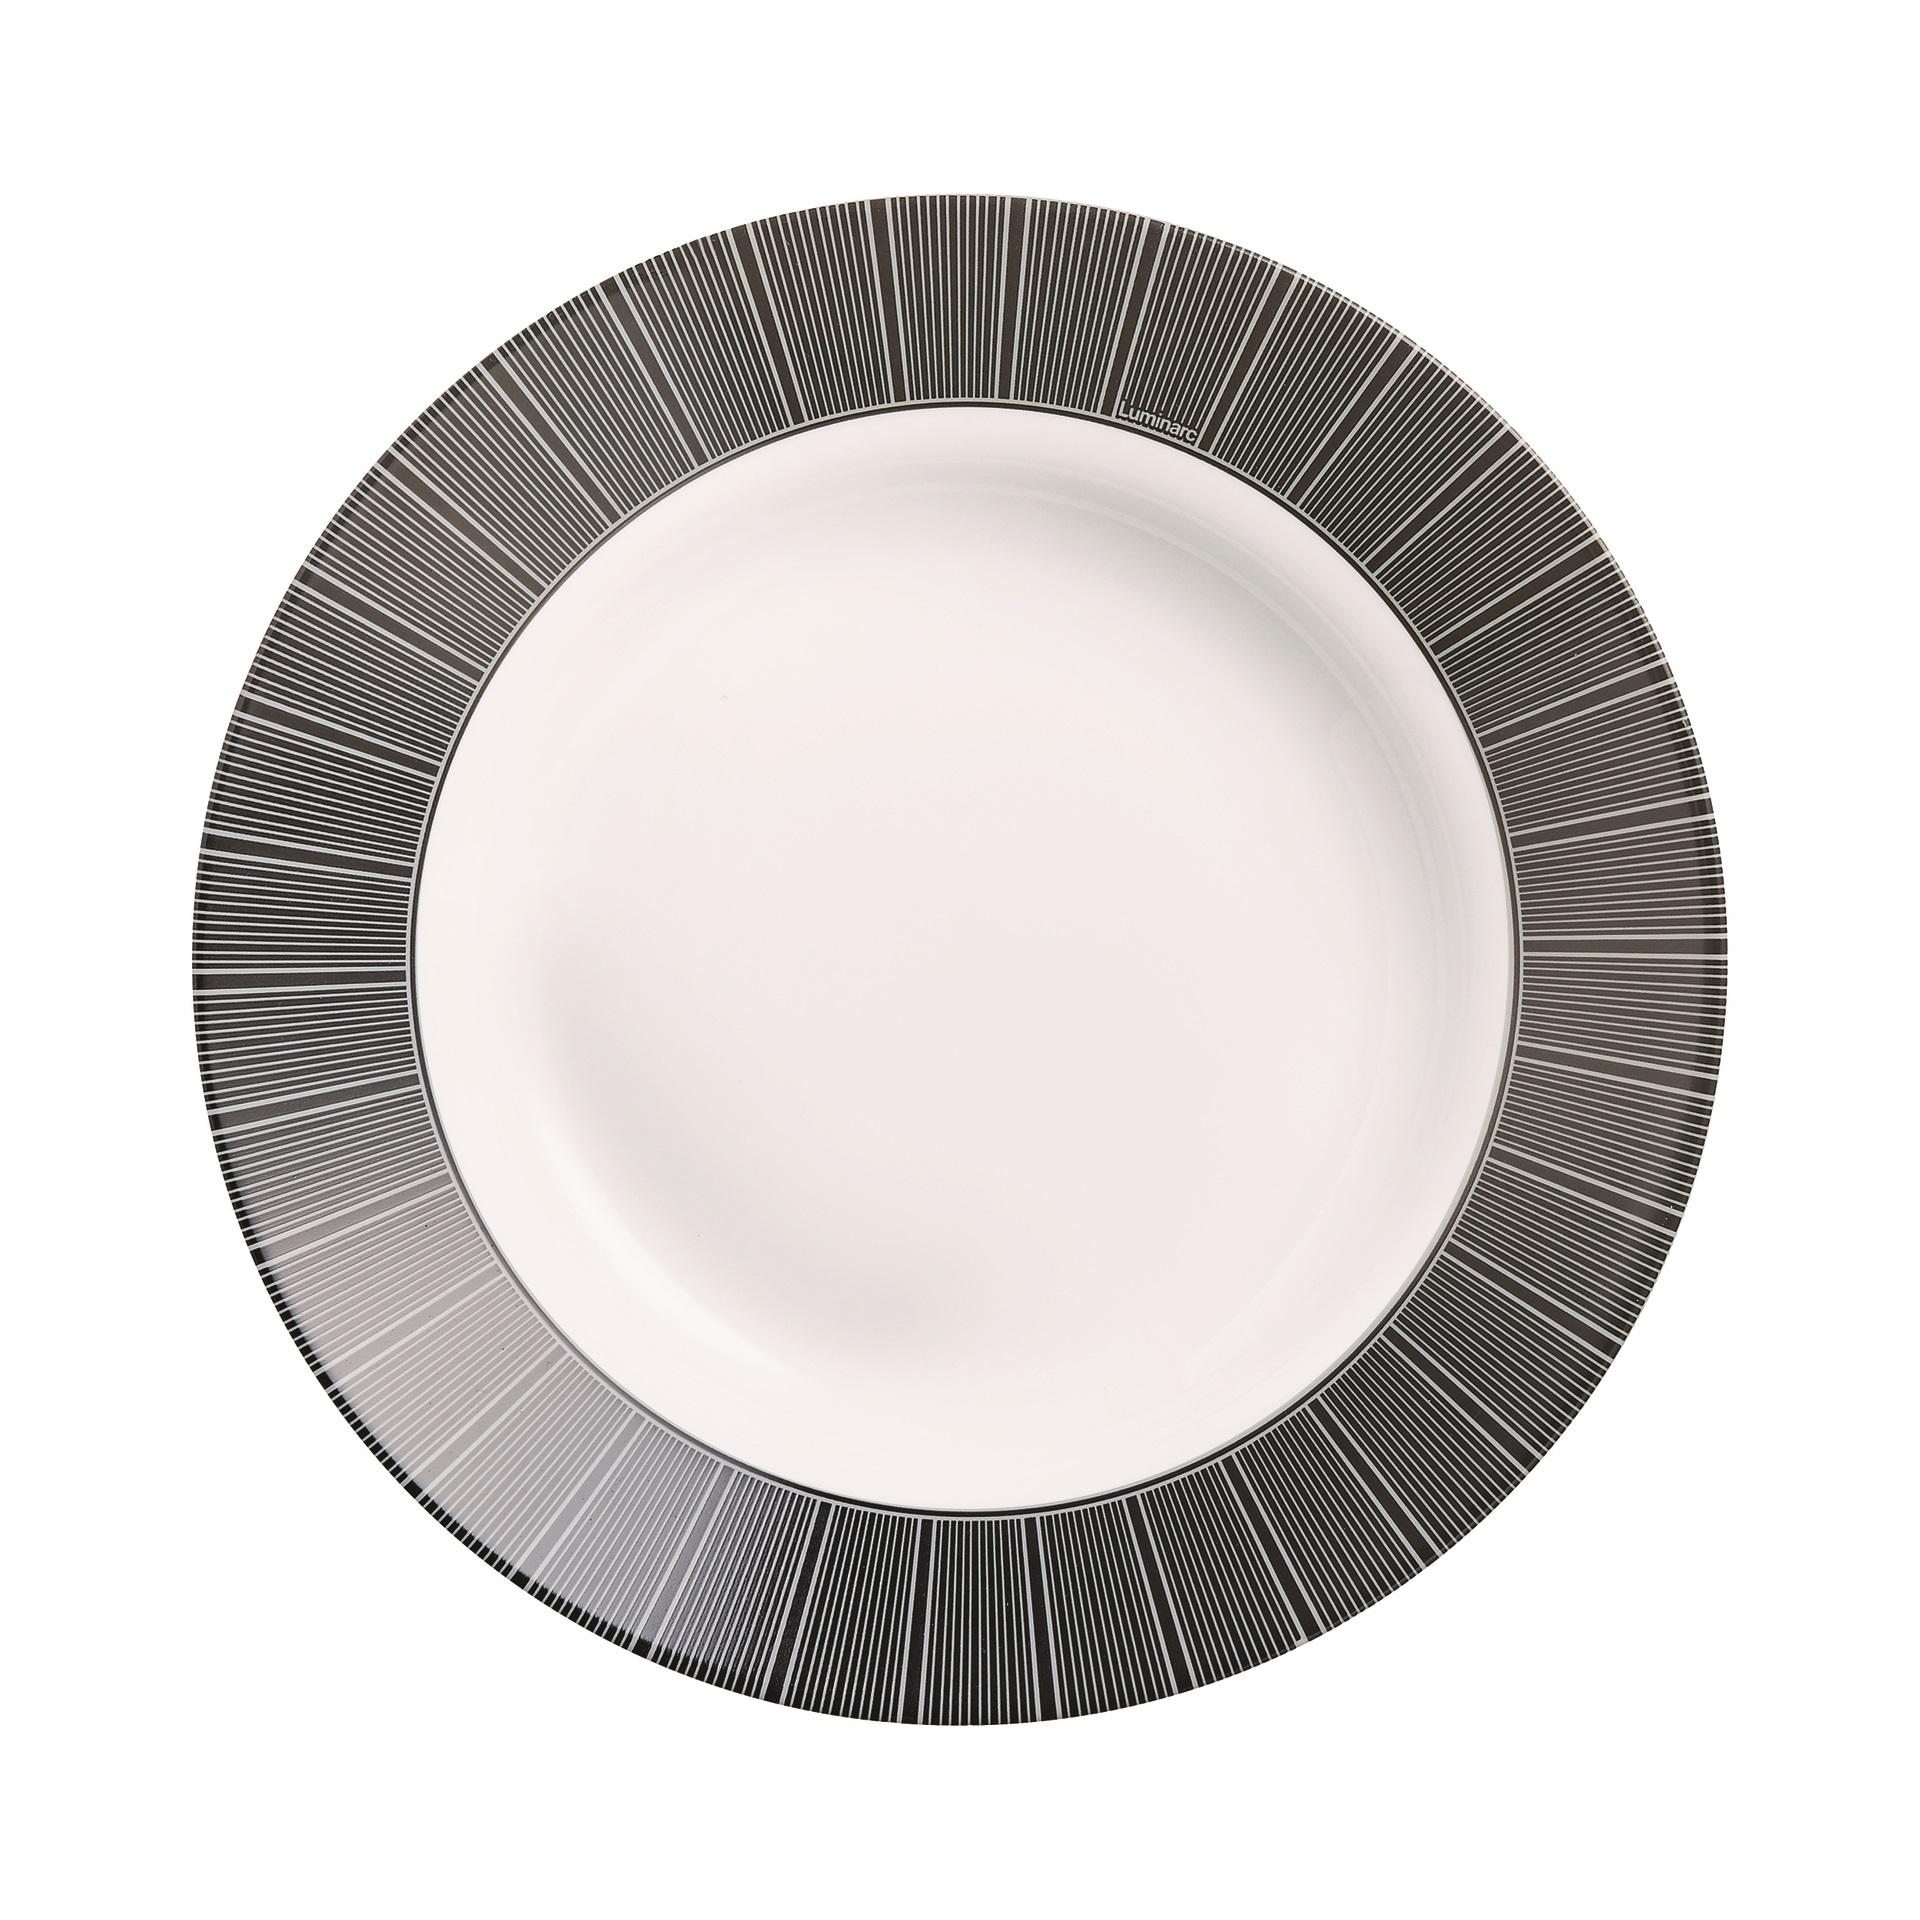 Тарелка суповая Luminarc Astre black 22 см тарелка суповая luminarc harena black 23 5 см